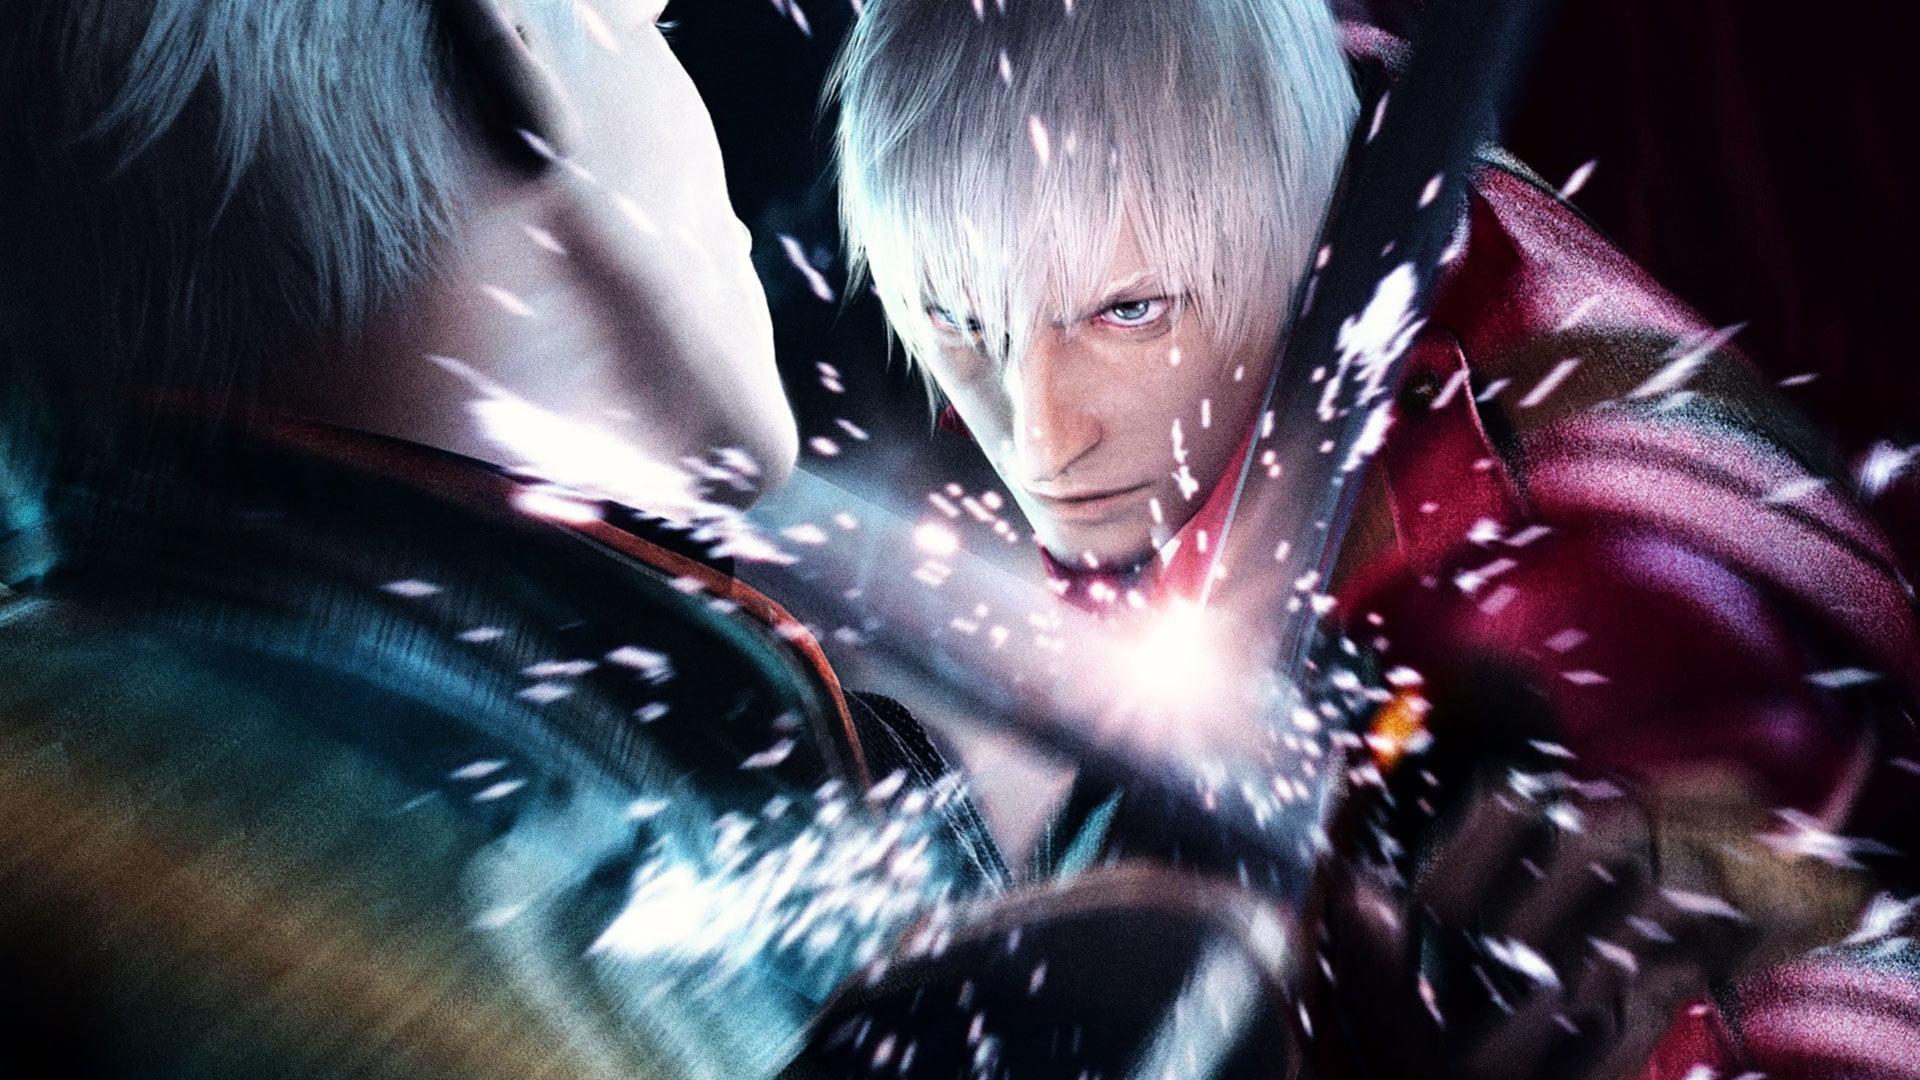 Пам'ятні ігрові моменти: Данте проти Вергілія (Devil May Cry 3: Dante's Awakening)